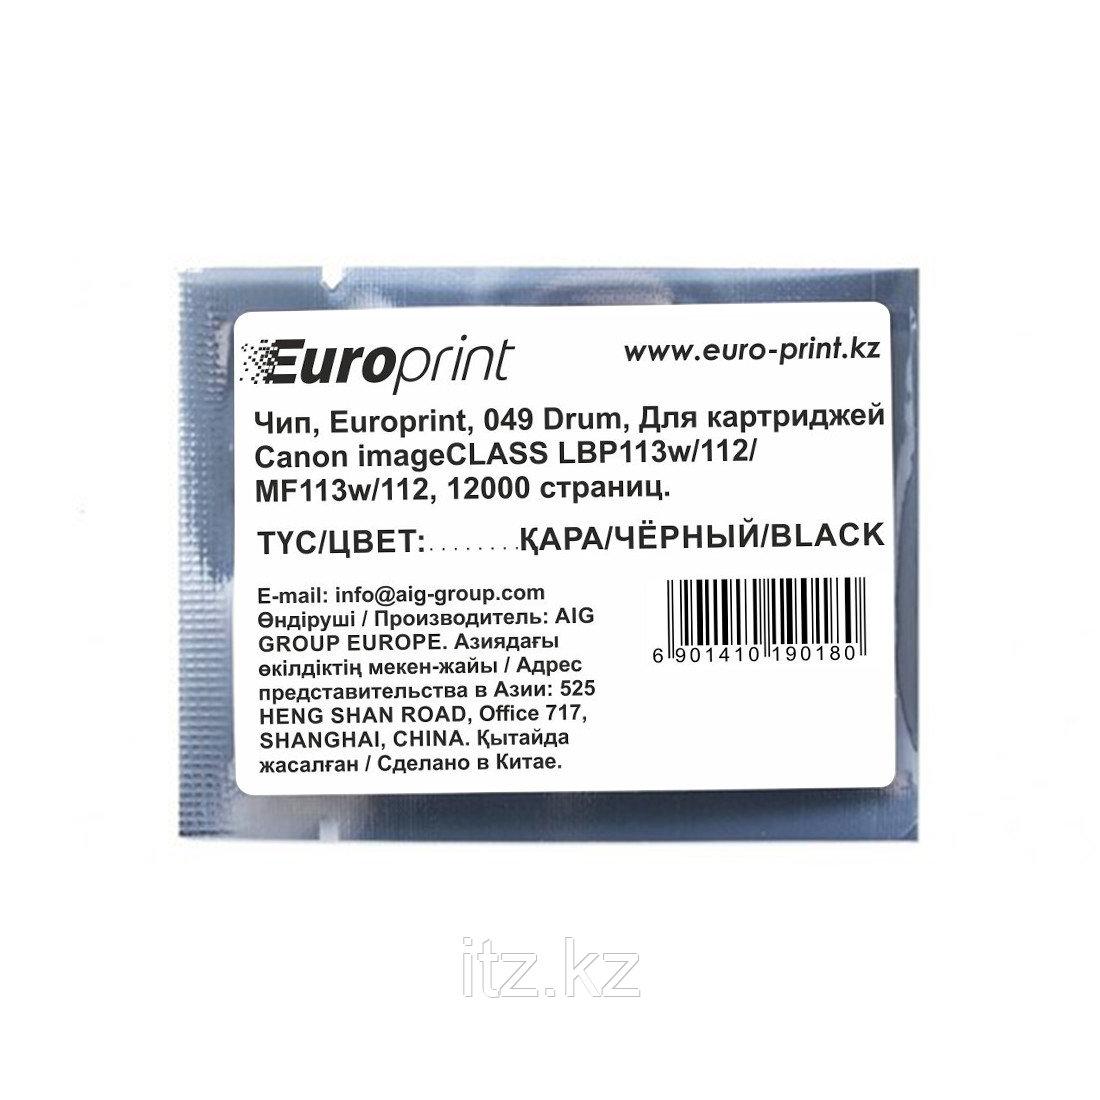 Чип Europrint Canon 049 Drum